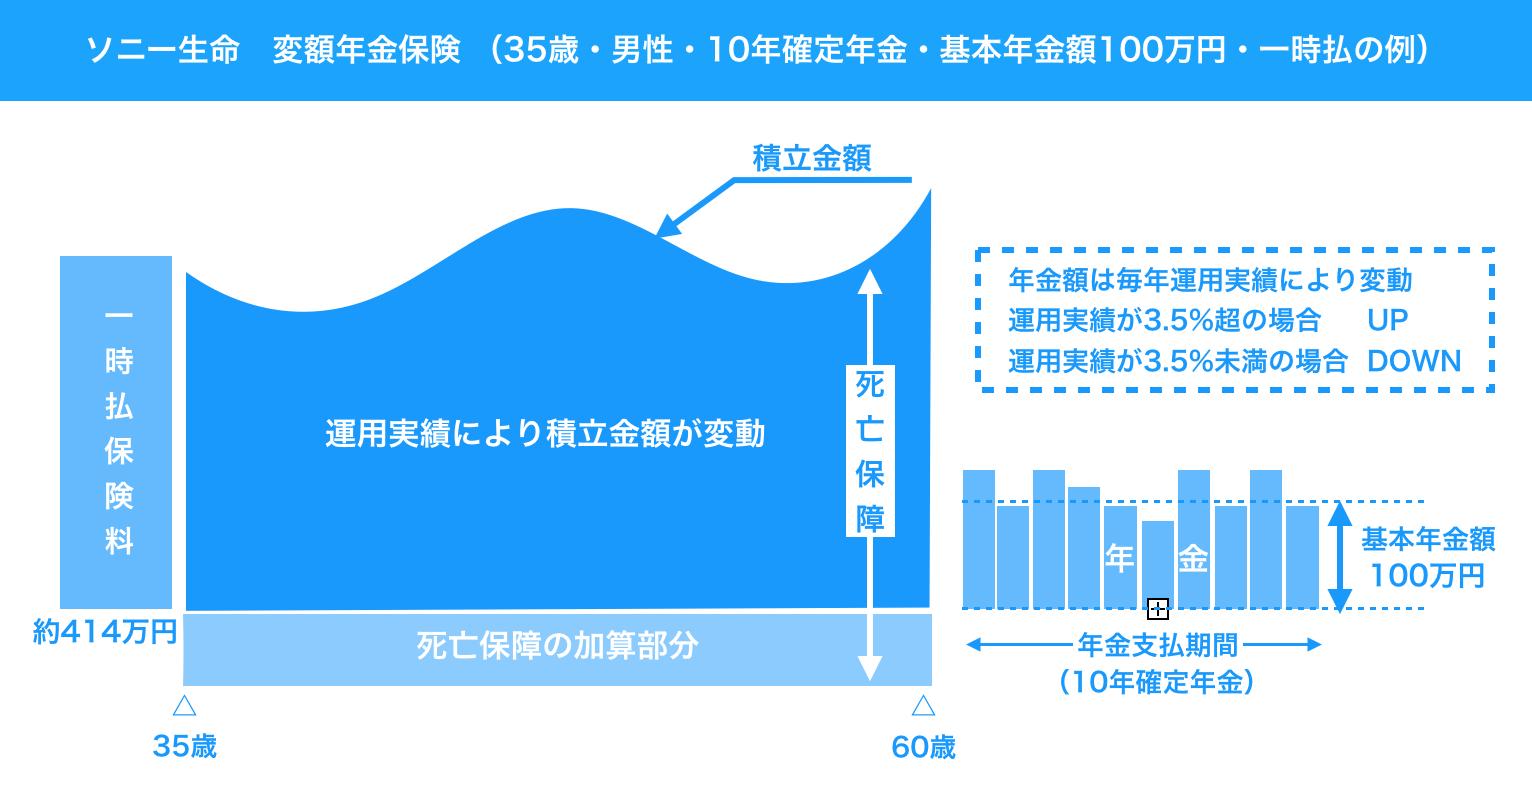 ソニー生命 変額年金保険 イメージ